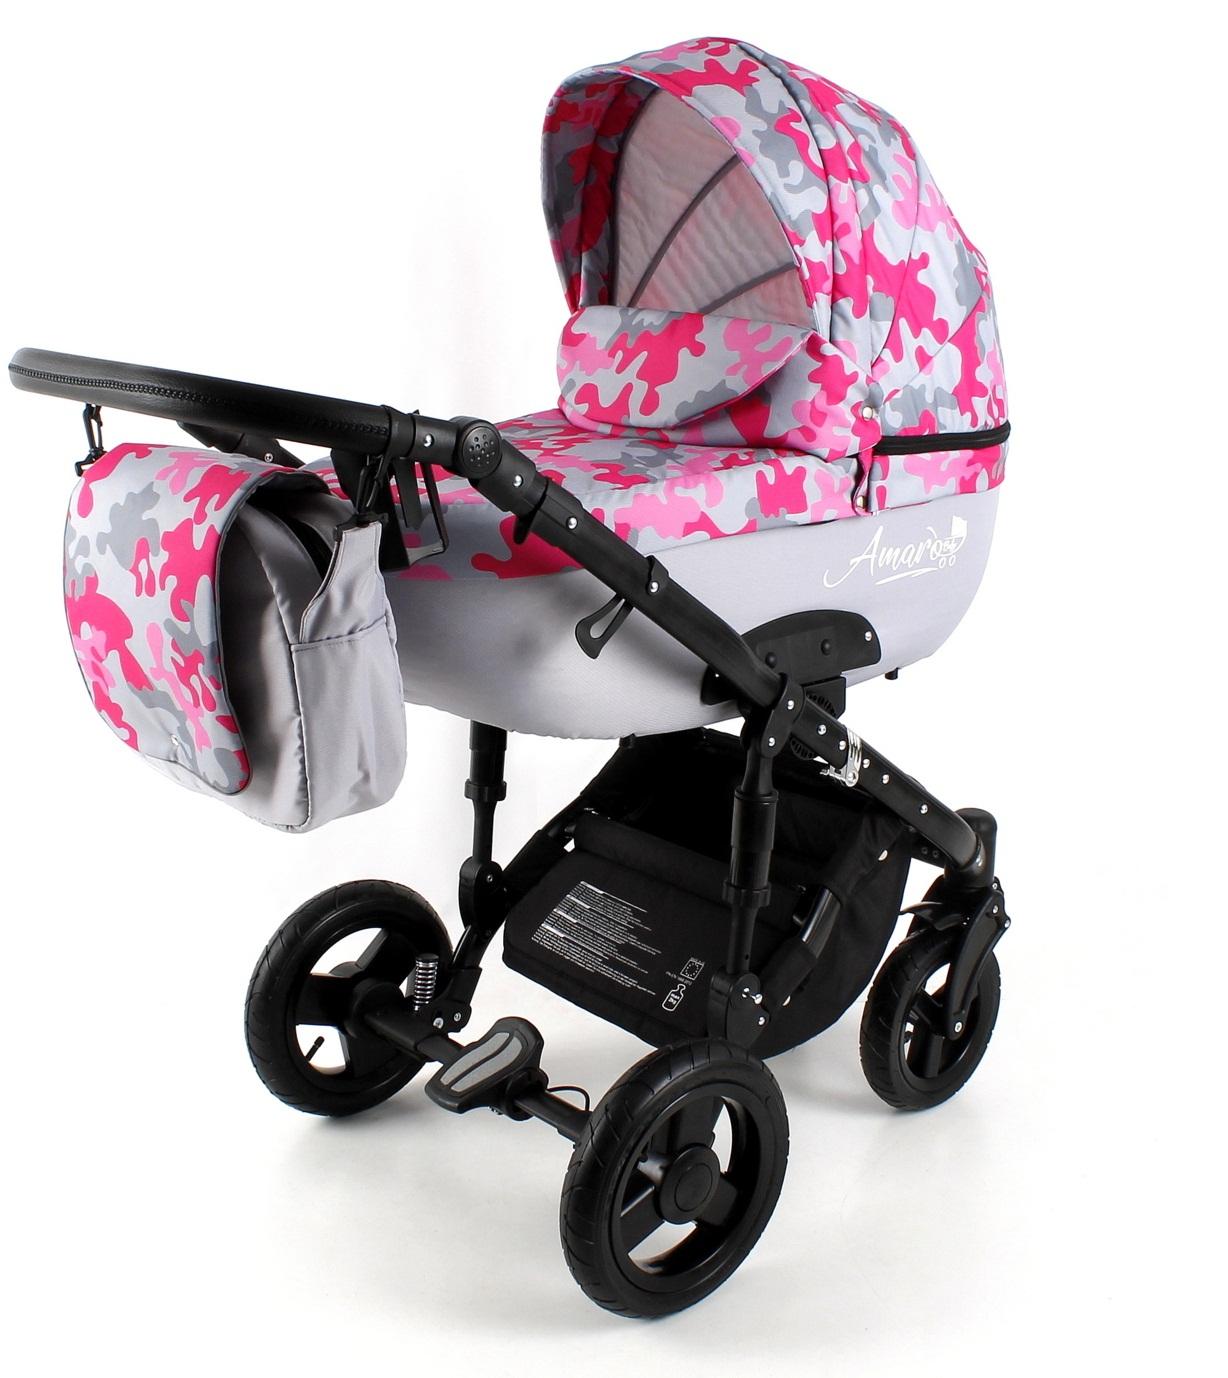 Коляска детская 2в1 AmaroBaby SOFT (розовый милитари (камуфляж) Soft-04